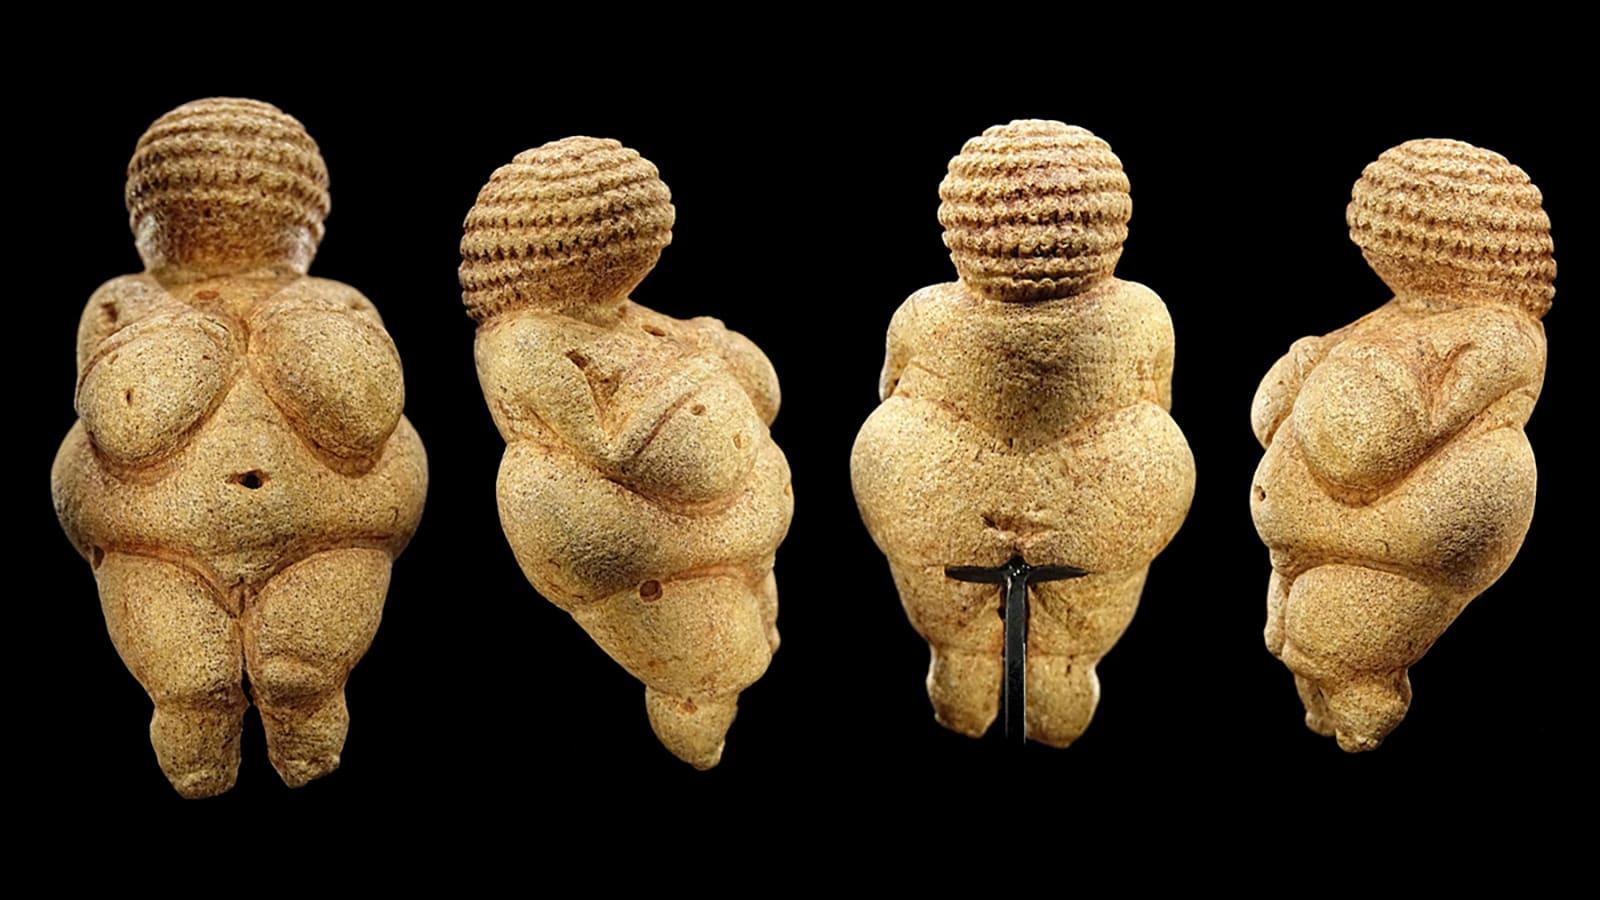 ليس لها علاقة بالجنس.. قد تكون هذه الحقيقة وراء هذه التماثيل الأيقونية من العصر الحجري